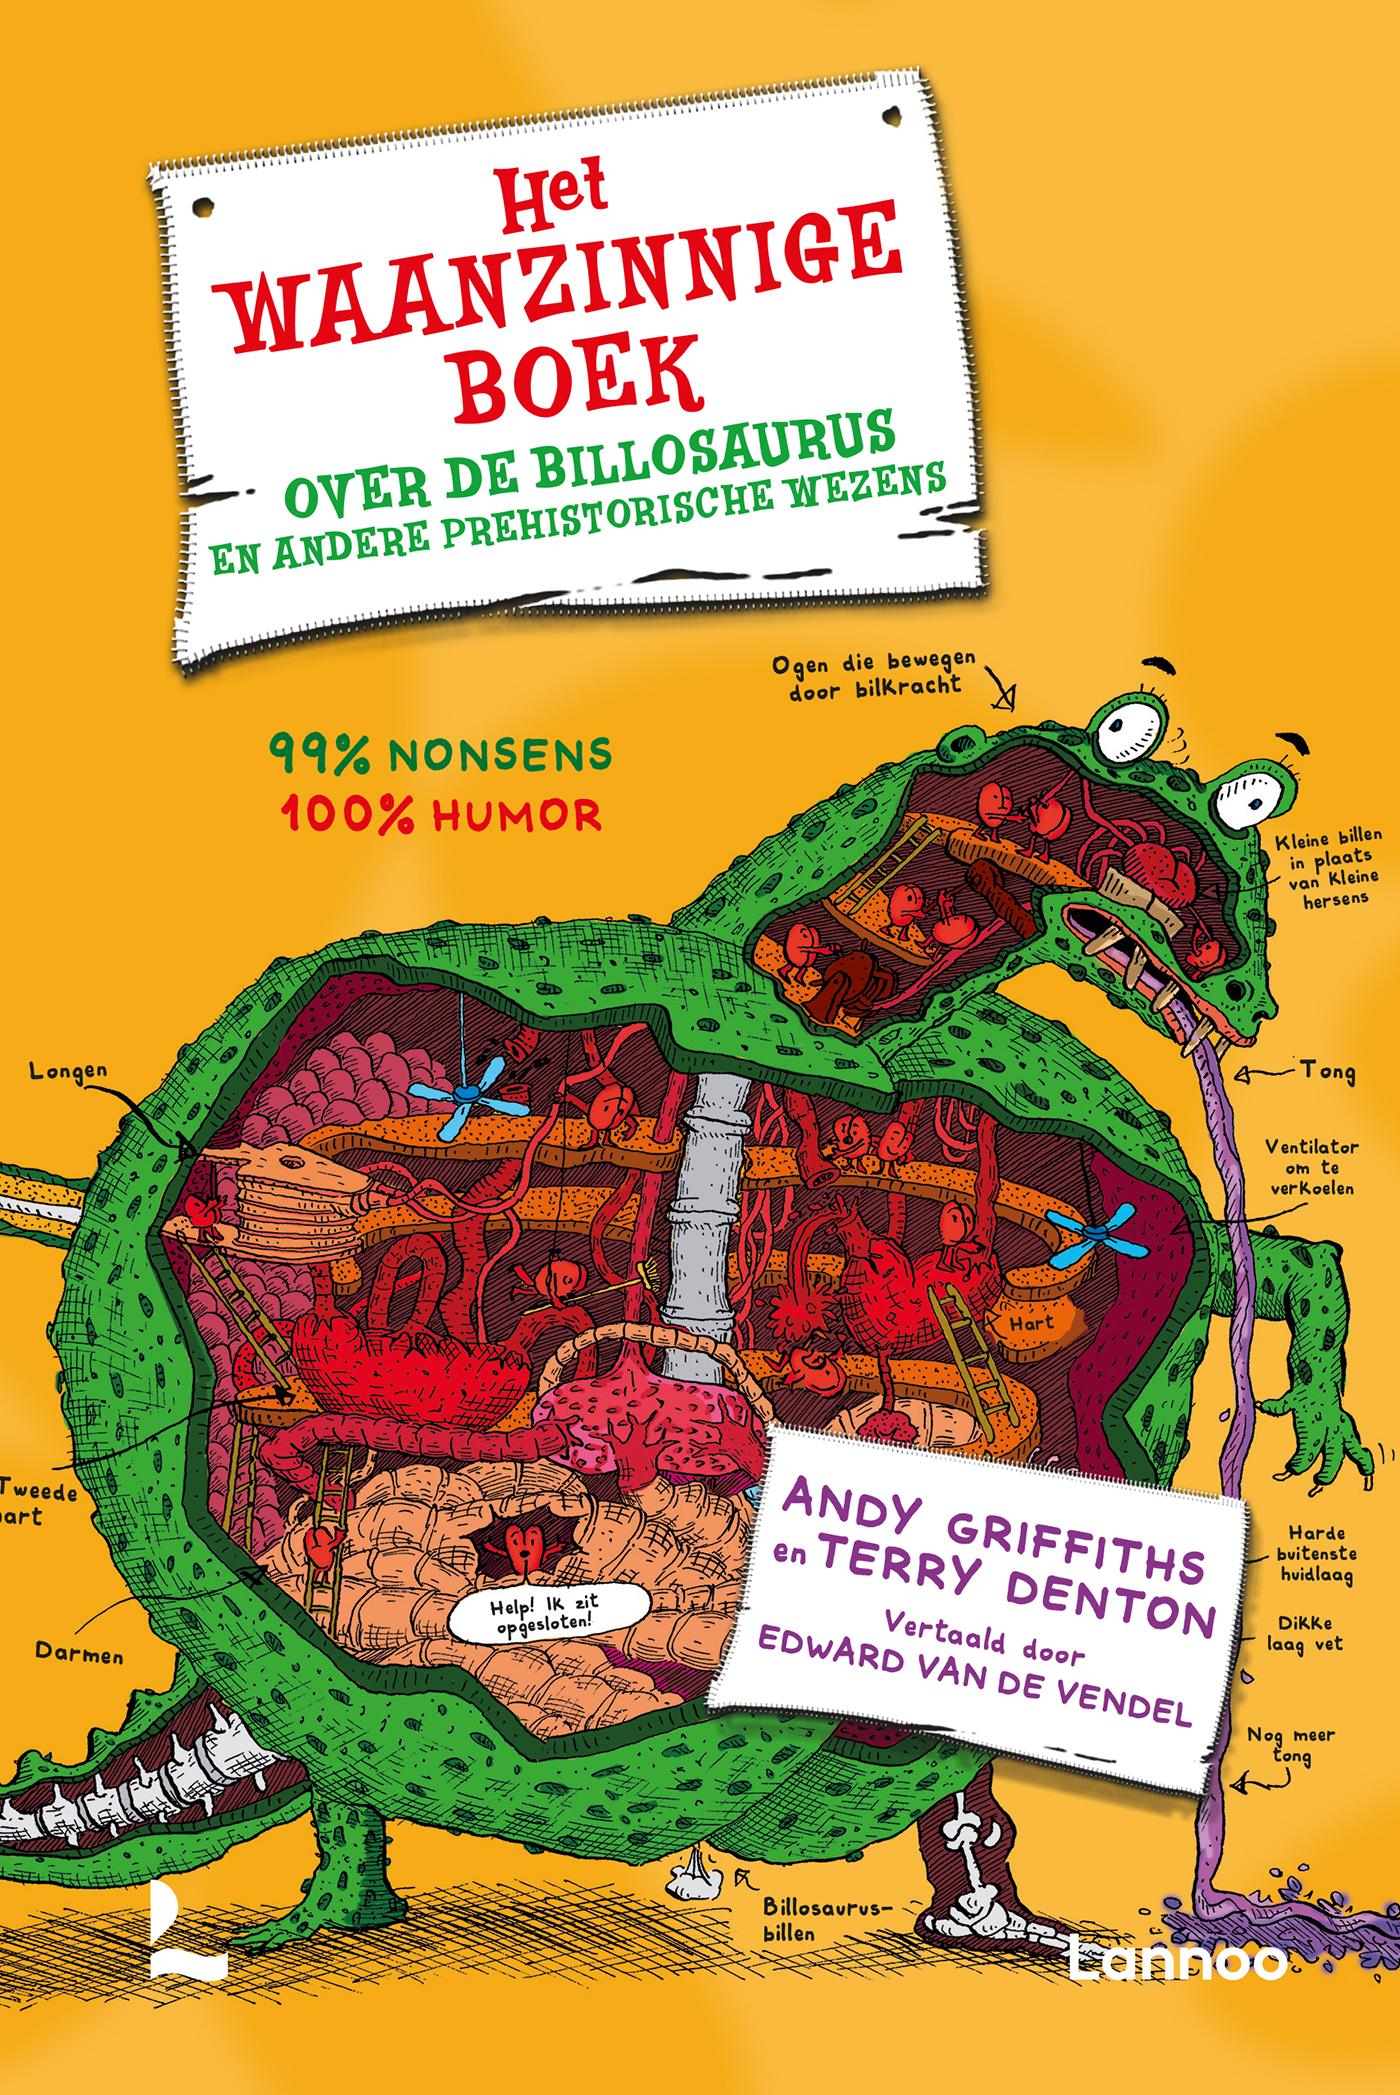 Het waanzinnige boek over de billosaurus en andere for Het boek over jou